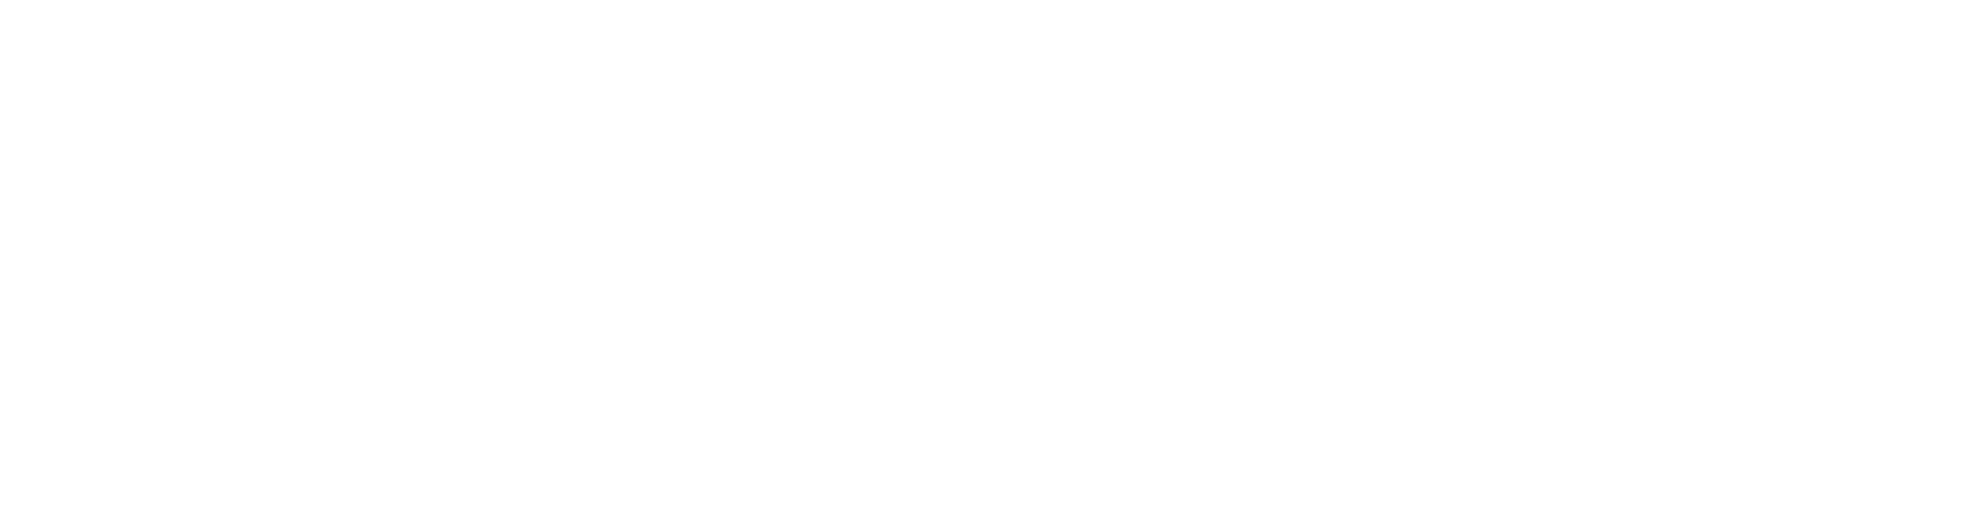 Reetta Hyvärinen – Vihreät, Kirkkonummi – 13